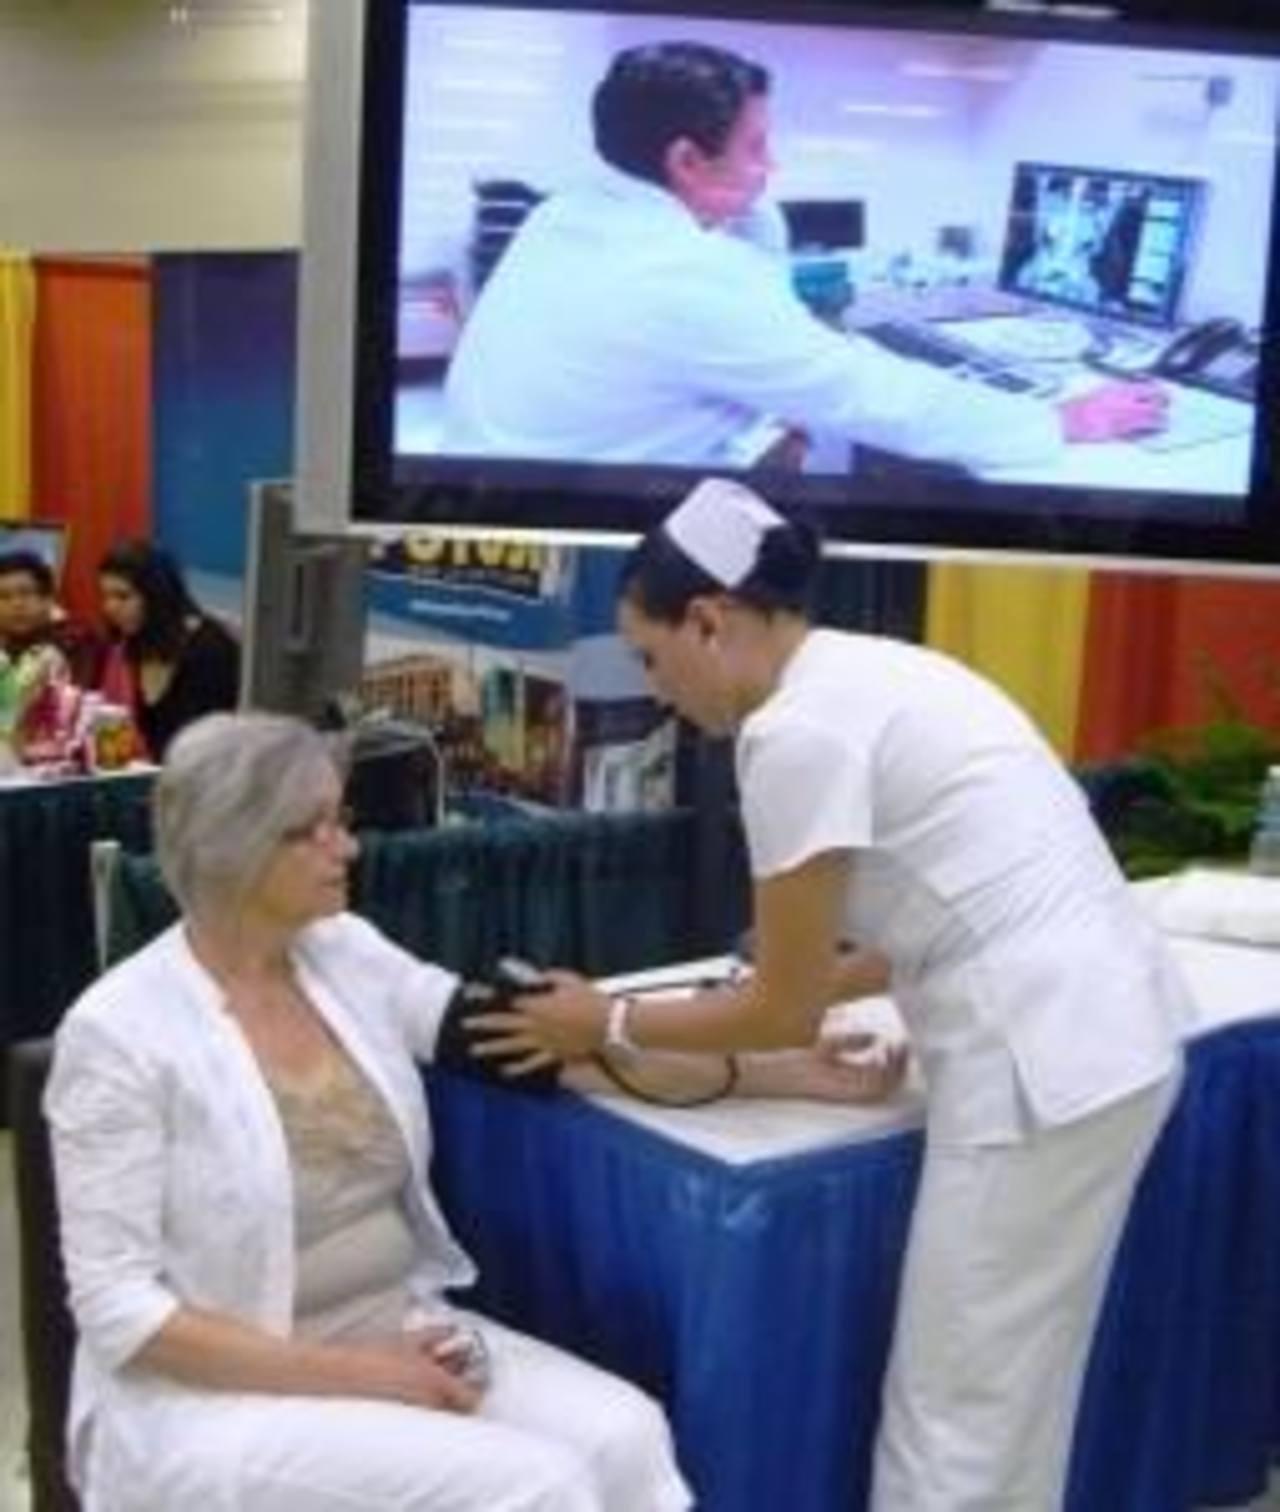 El turismo médico ha tenido un incremento en Costa Rica, que cada año recibe unos 50,000 extranjeros que llegan por tratamientos